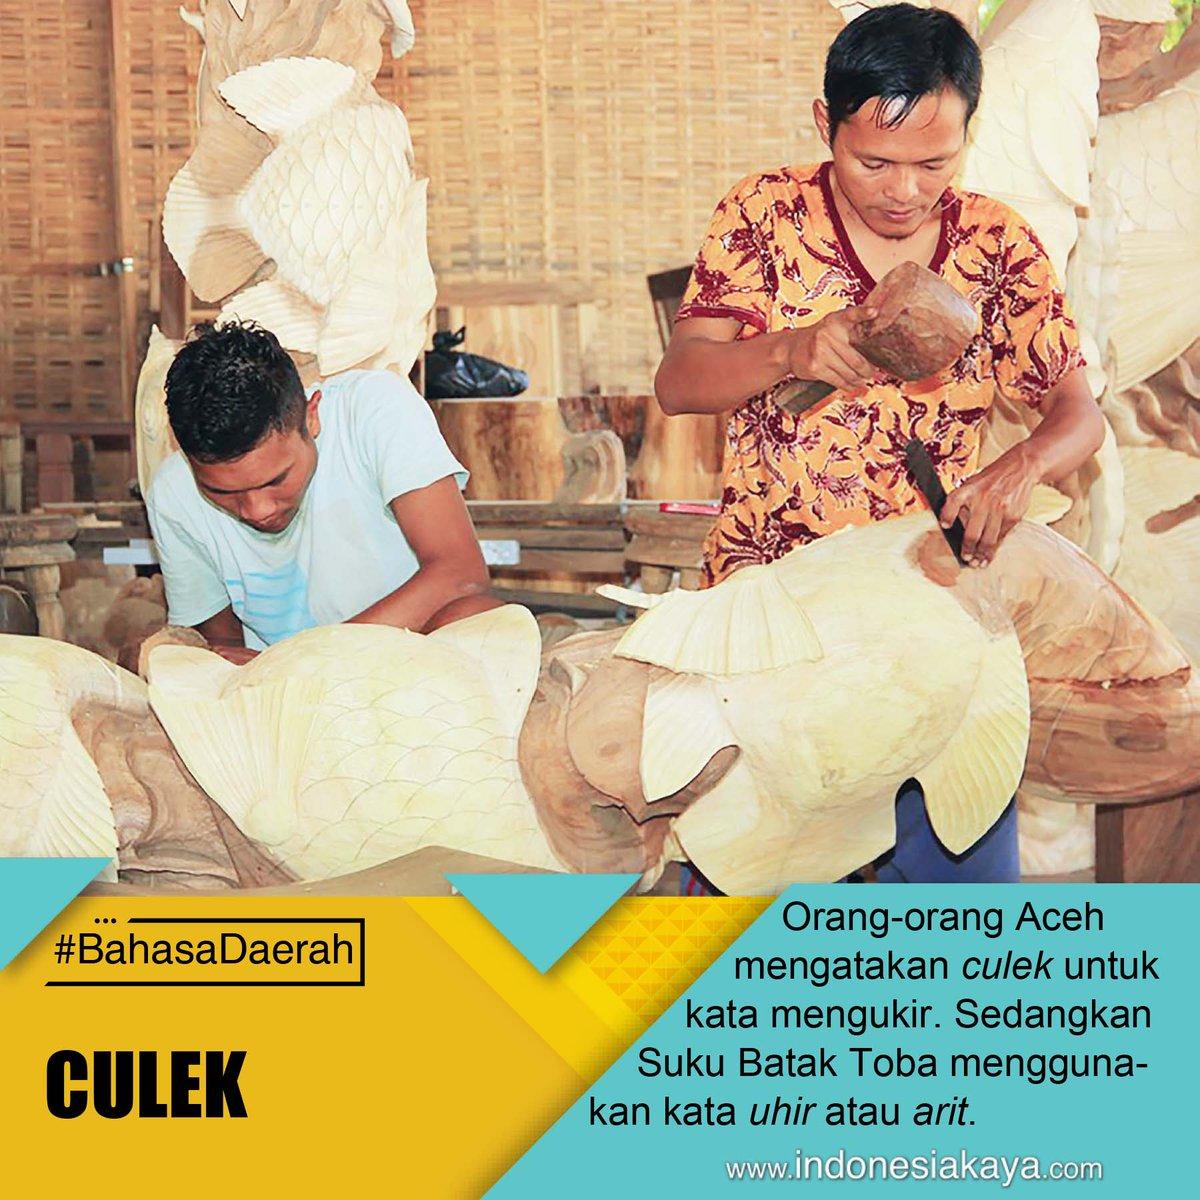 """Dalam bahasa Aceh, untuk mengatakan mengukir, kita menggunakan kata """"culek"""". Perbedaannya cukup jauh dengan bahasa Batak Toba yang menggunakan """"arit"""" atau """"uhir"""". #BahasaDaerah pic.twitter.com/5WG2yPrsl6"""